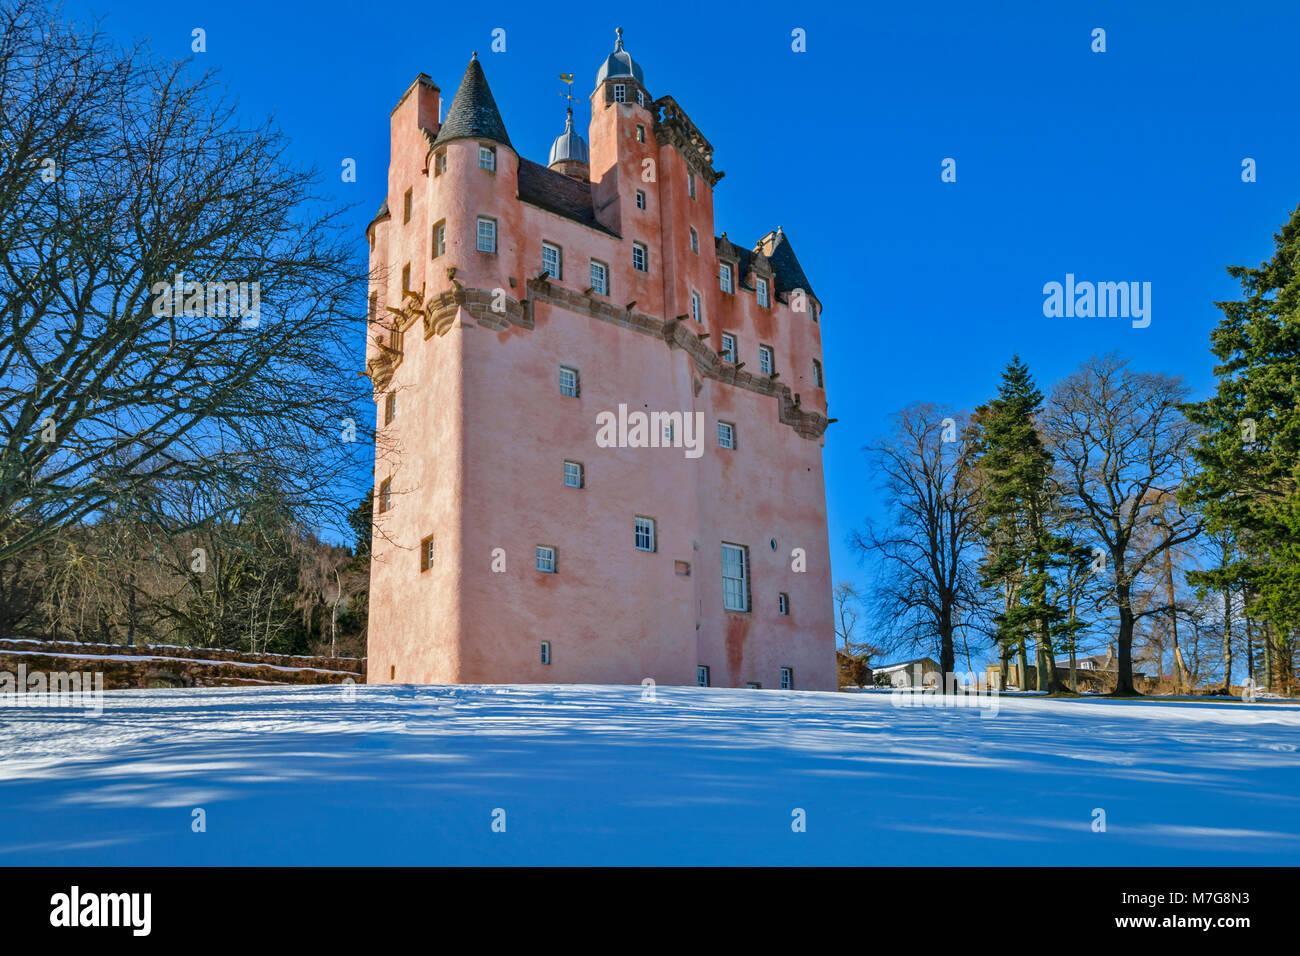 CRAIGIEVAR CASTLE ABERDEENSHIRE SCHOTTLAND ein blauer Himmel die imposante ROSA TURM IMMERGRÜNEN TANNEN und Stockbild